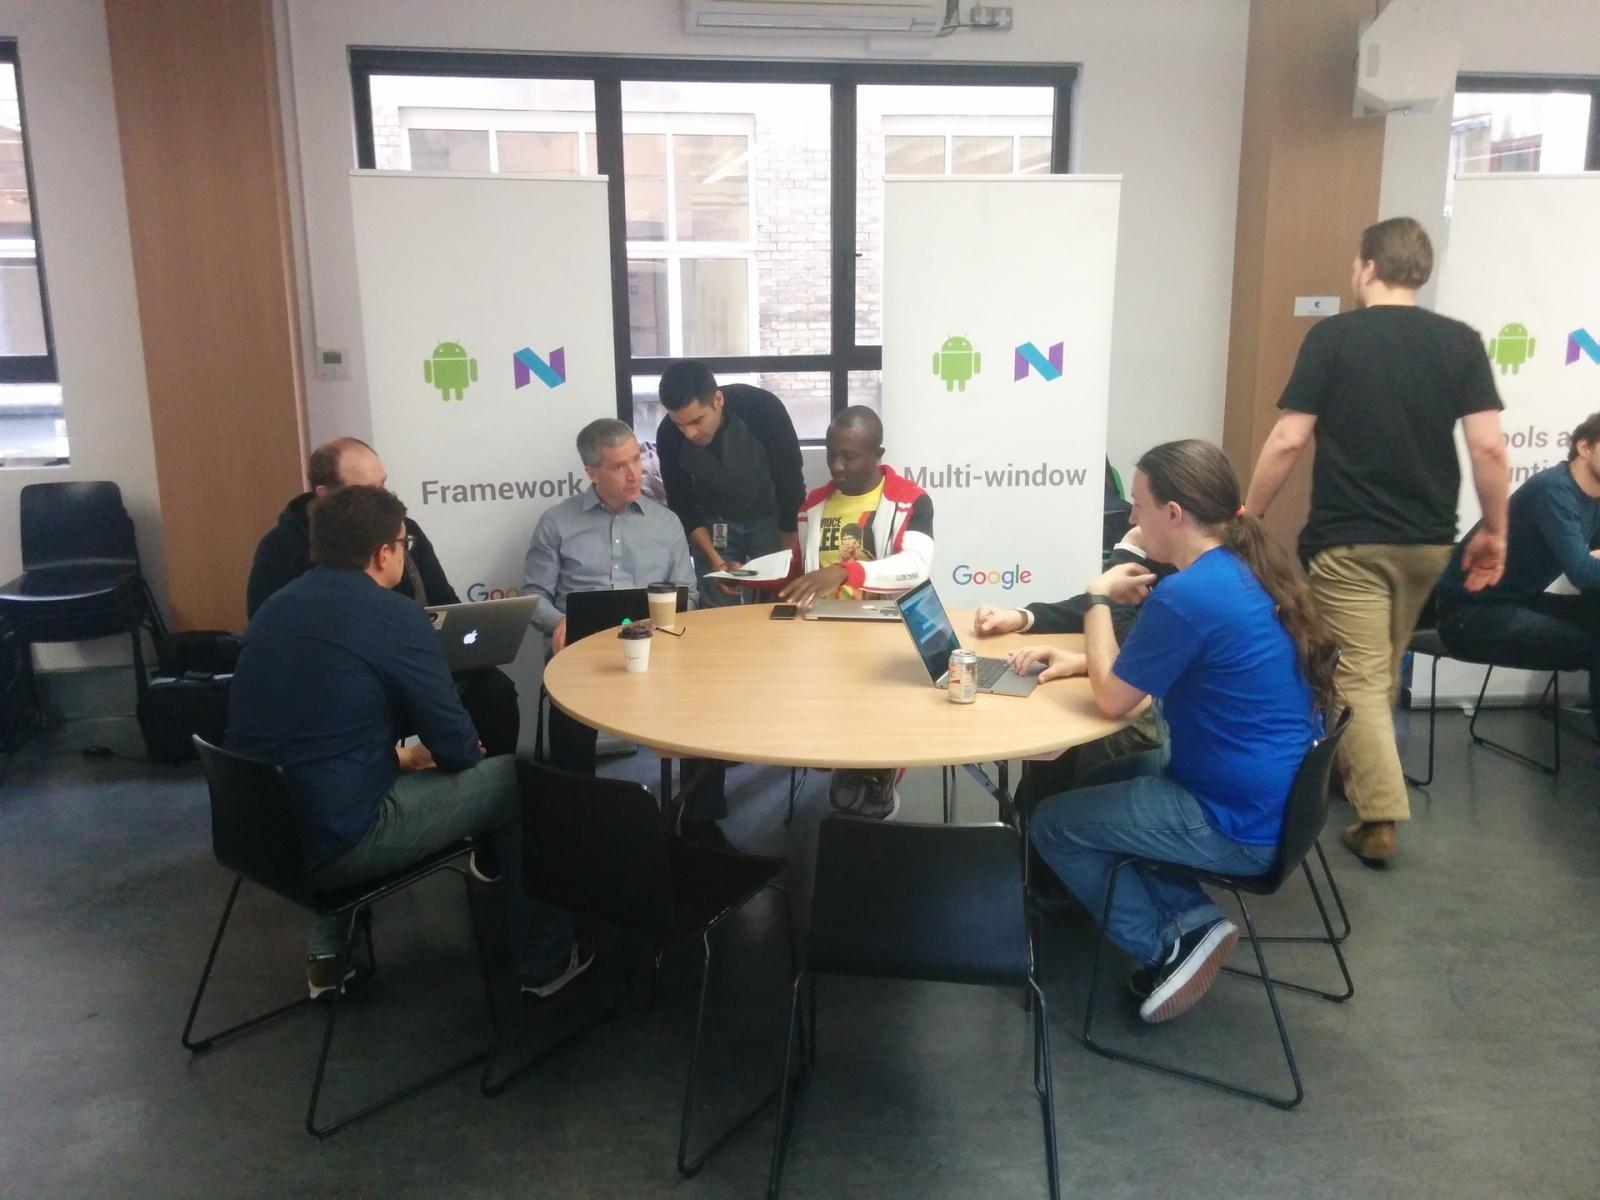 Как Google в Лондоне тренинг по Android N устраивала - 8